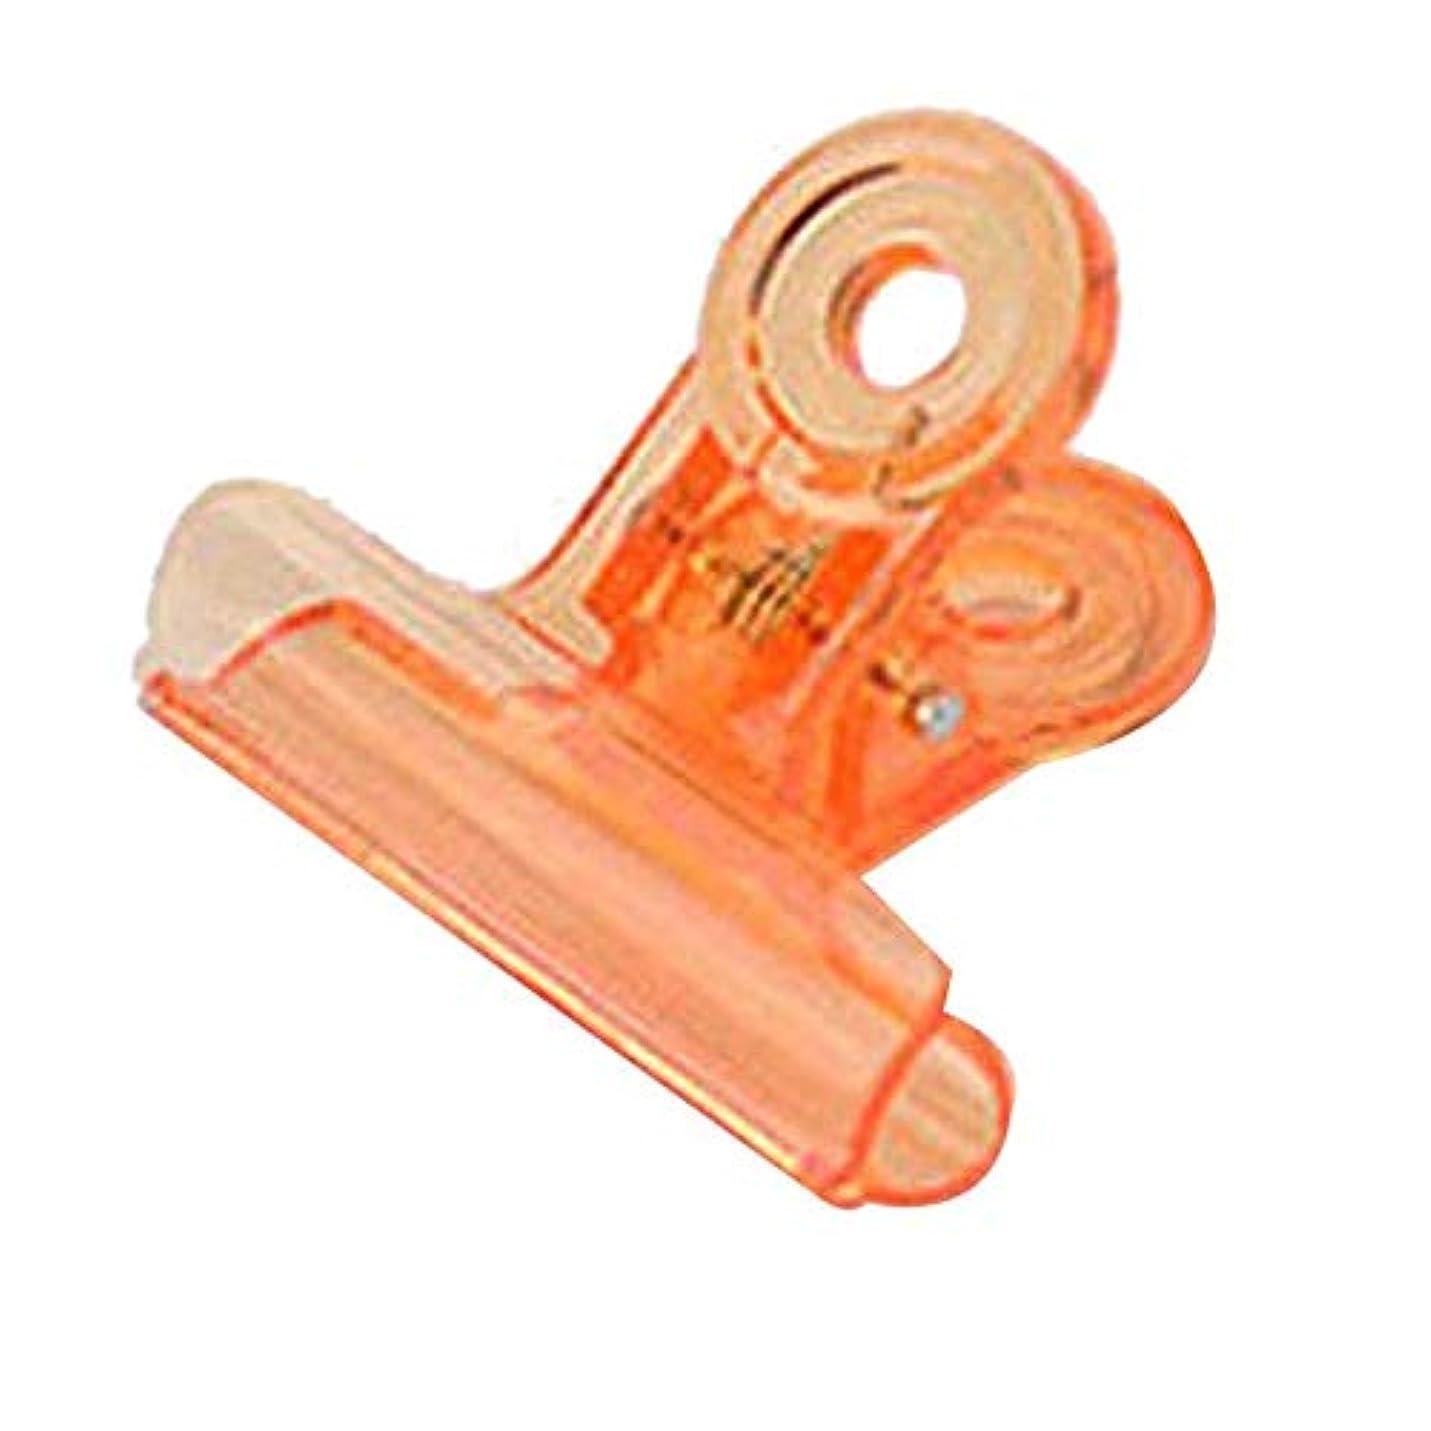 正しく失速プログラムSODIAL カーブネイルピンチクリップツール多機能プラスチック爪 ランダムカラー(オレンジ)